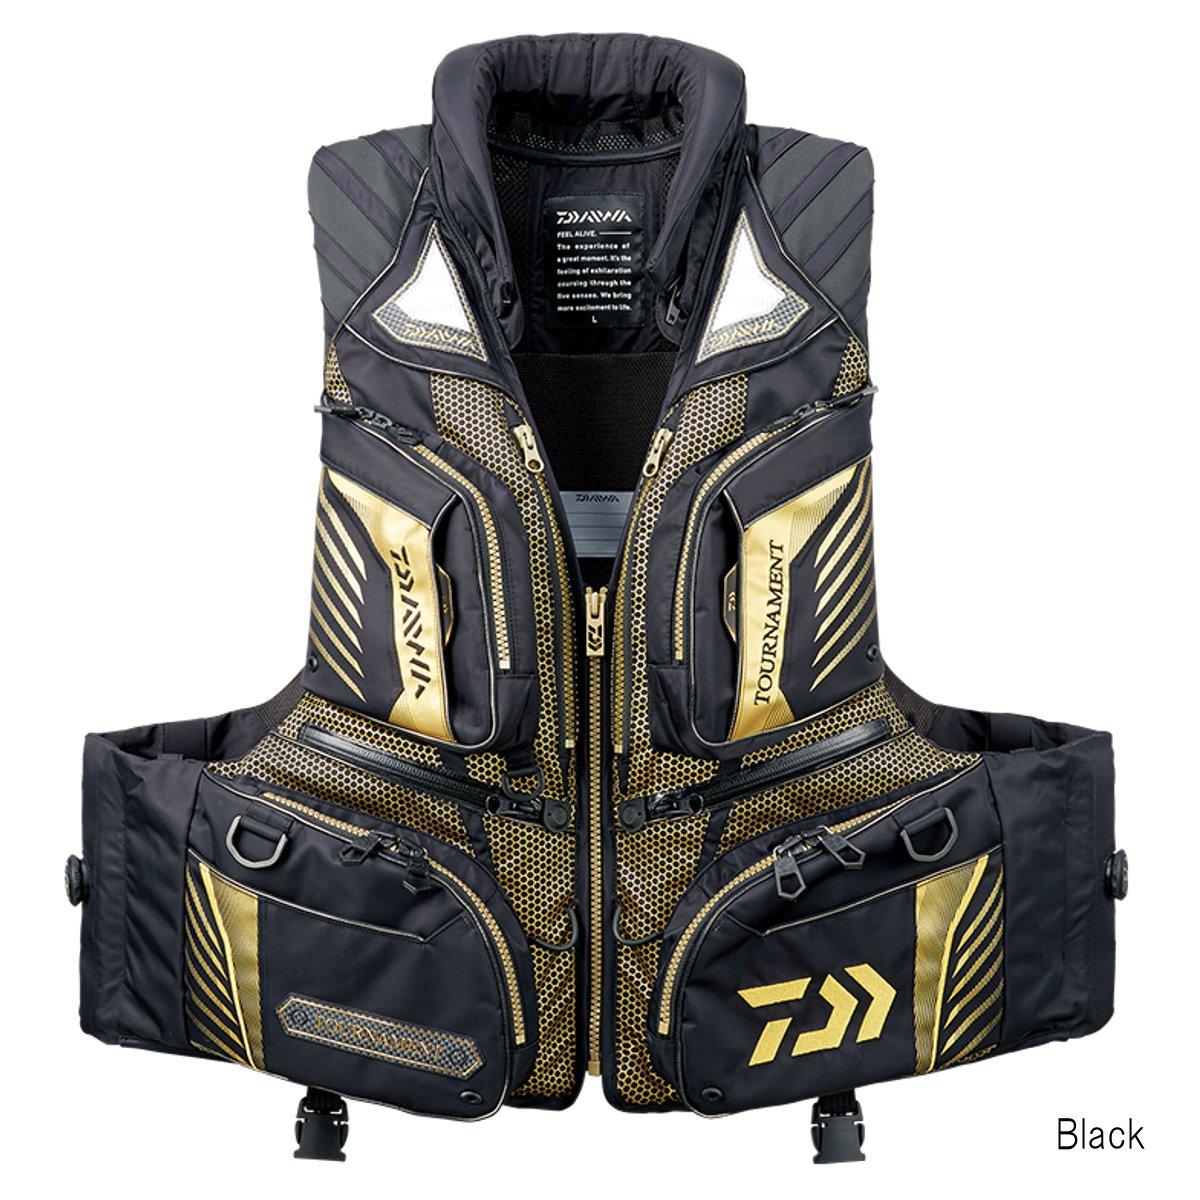 ダイワ トーナメント バリアテック 枕つきサイバーフロート DF-3108T XL Black【送料無料】